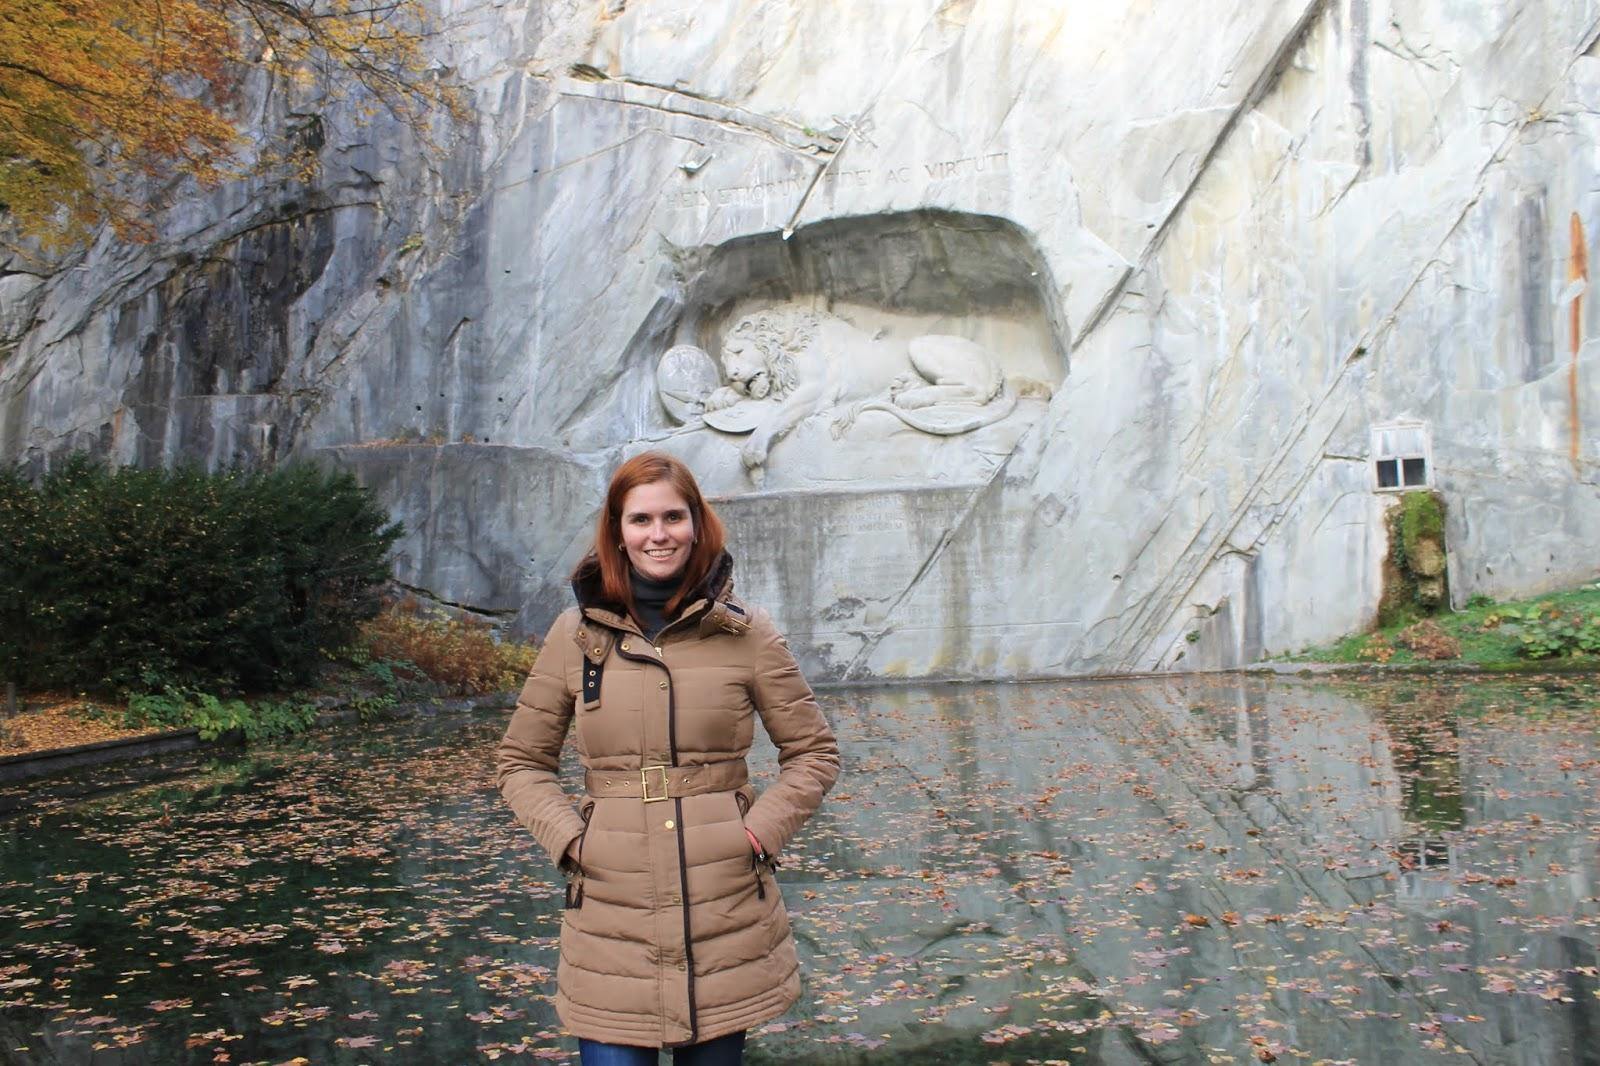 Löwendenkmal - Luzern